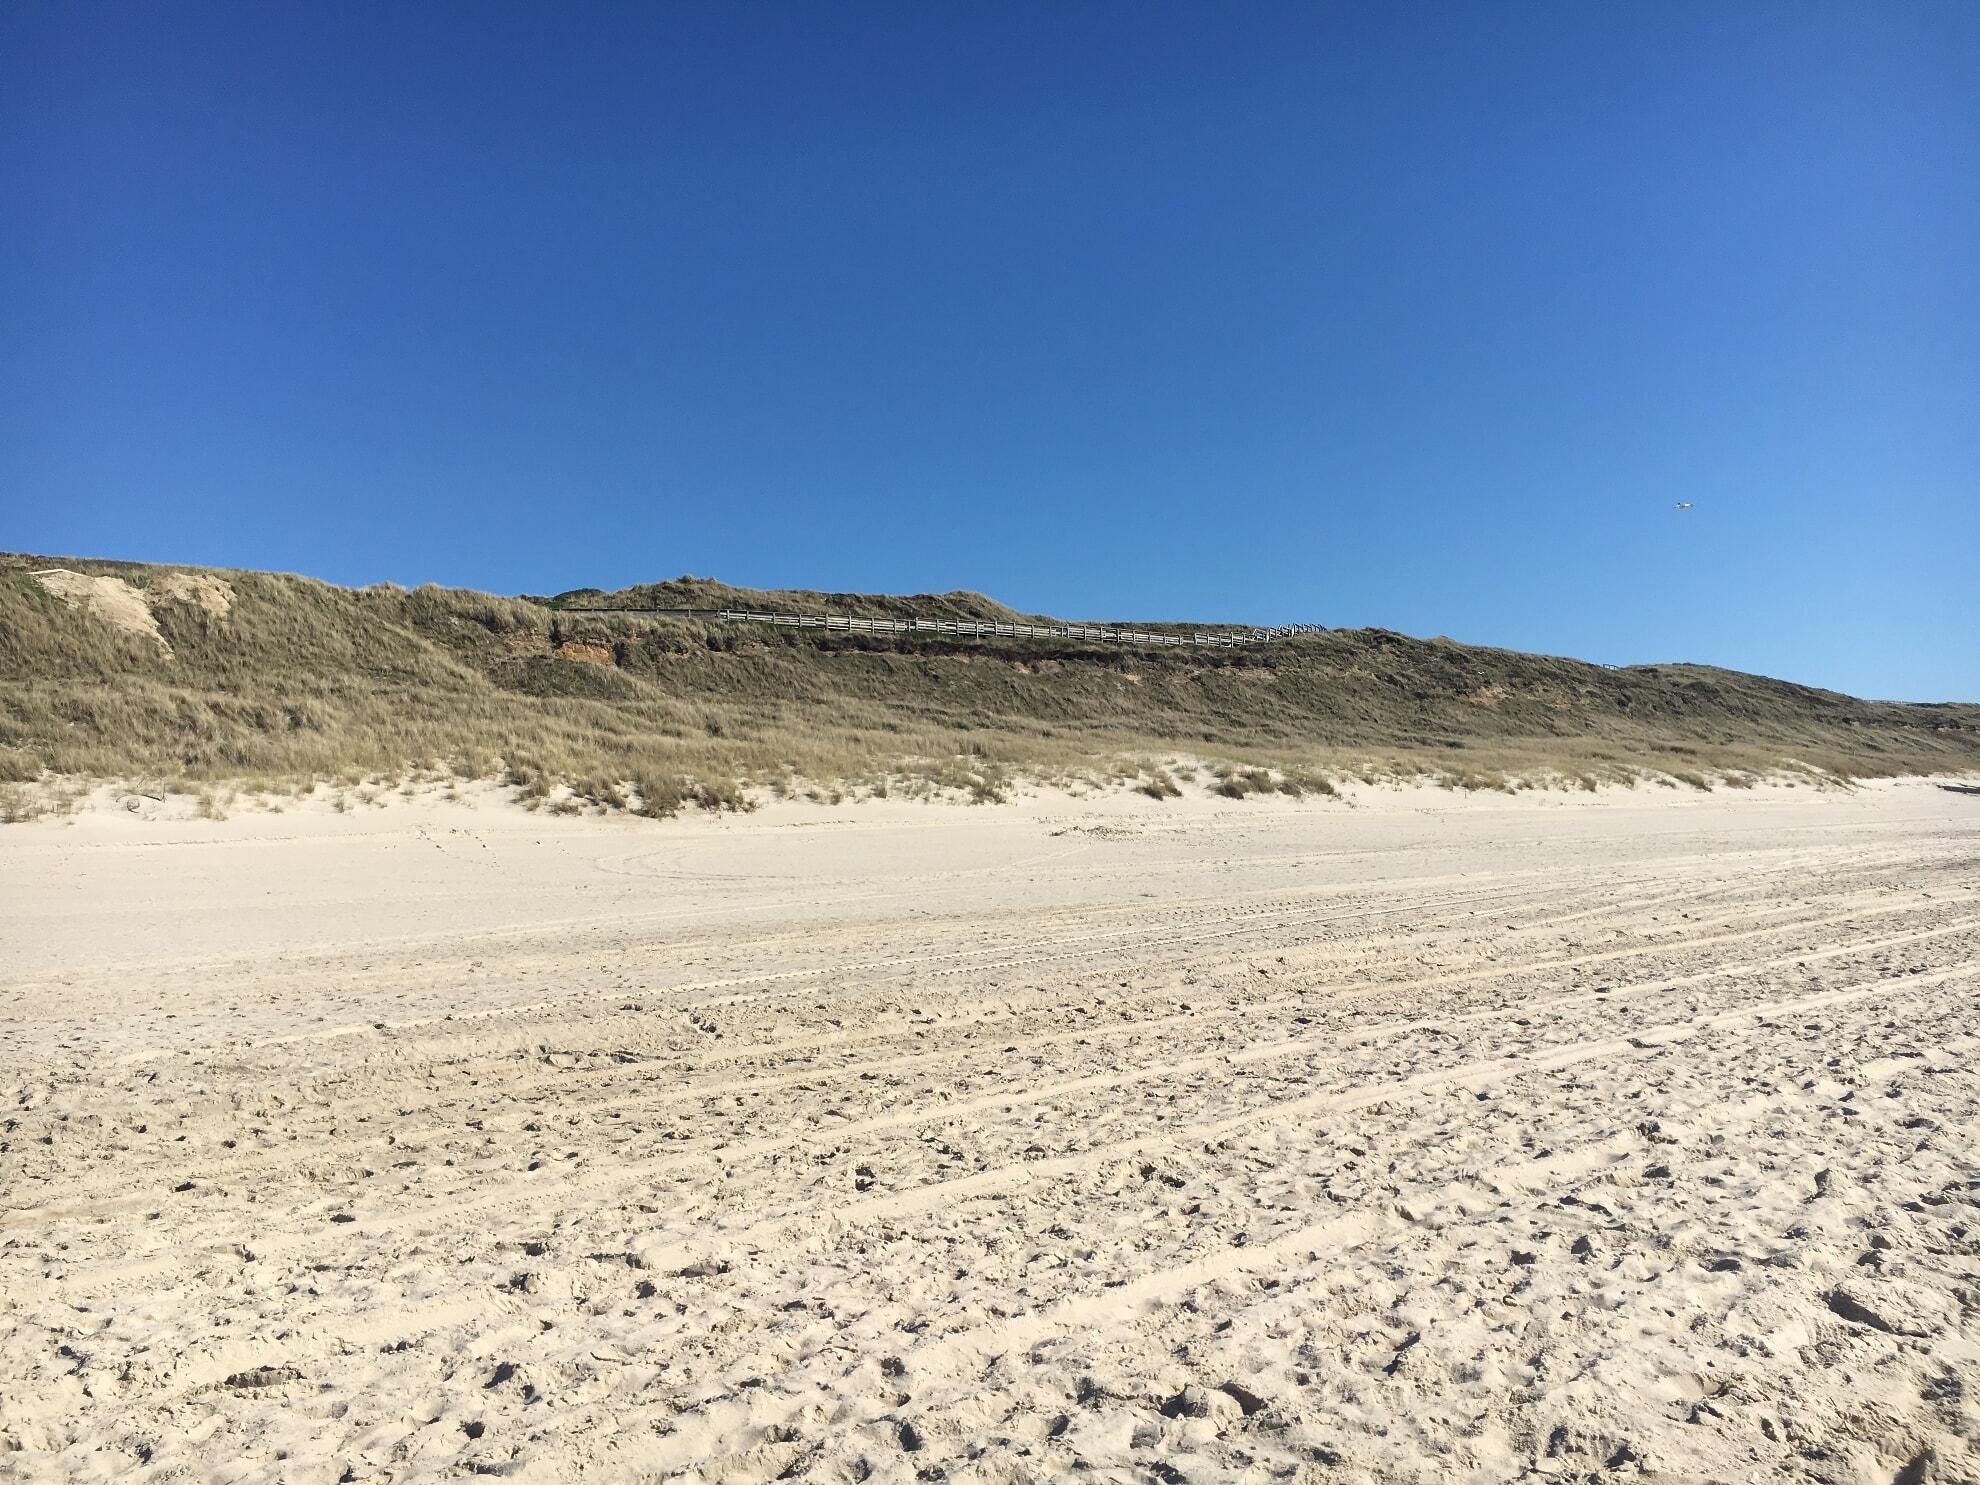 Blick auf die Strandtreppe vom Strand aus